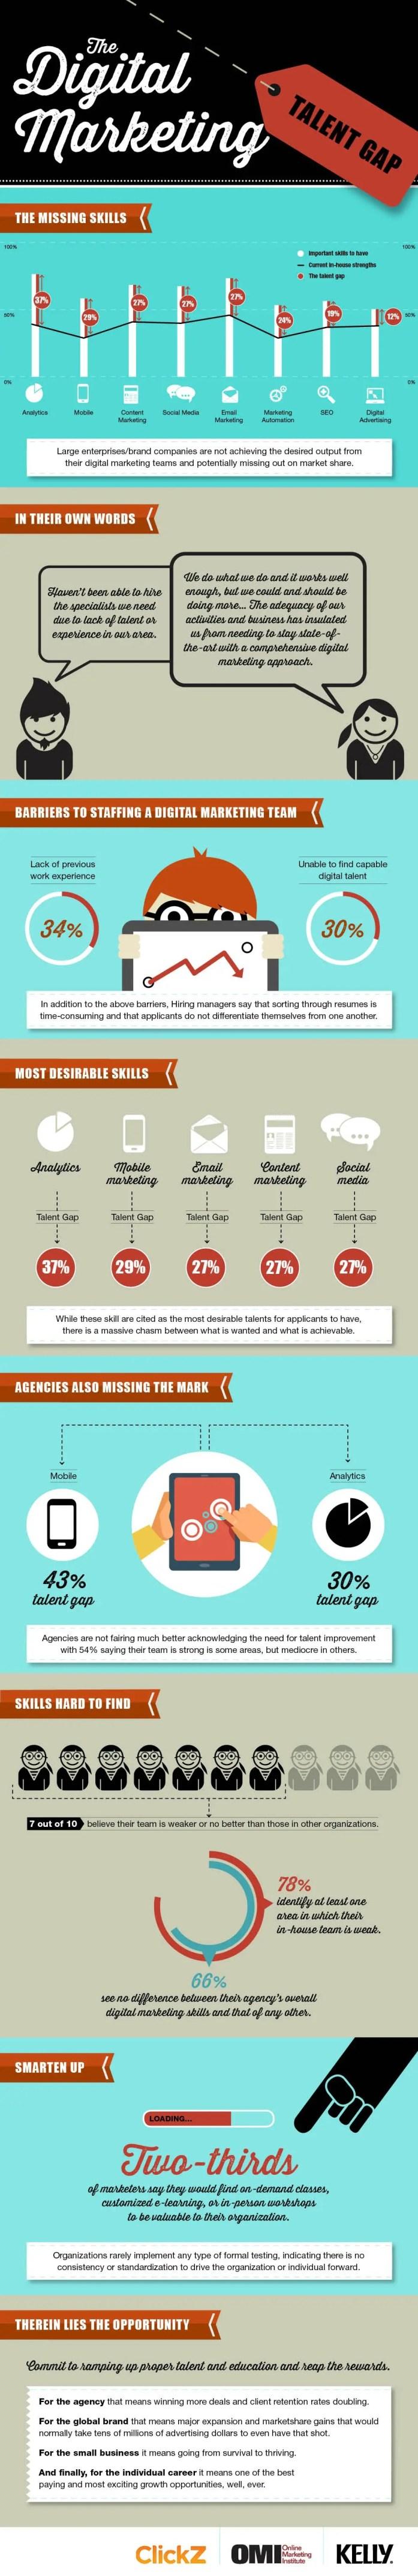 The Digital Marketing Talent Gap